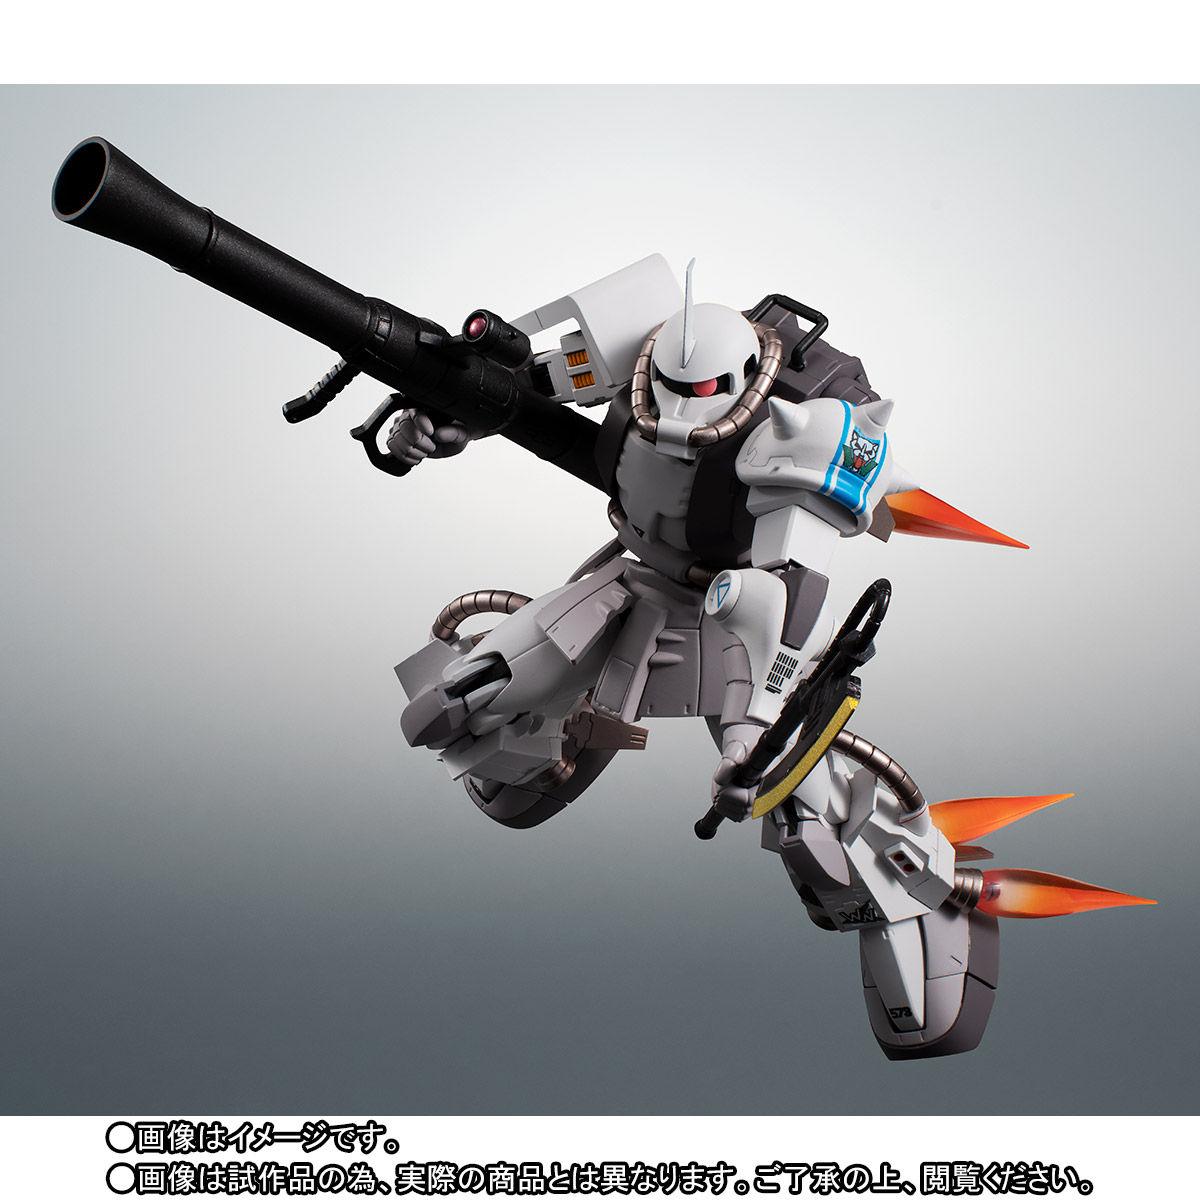 【限定販売】ROBOT魂〈SIDE MS〉『MS-06R-1A シン・マツナガ専用高機動型ザクII ver. A.N.I.M.E.』ダンダムMSV 可動フィギュア-006